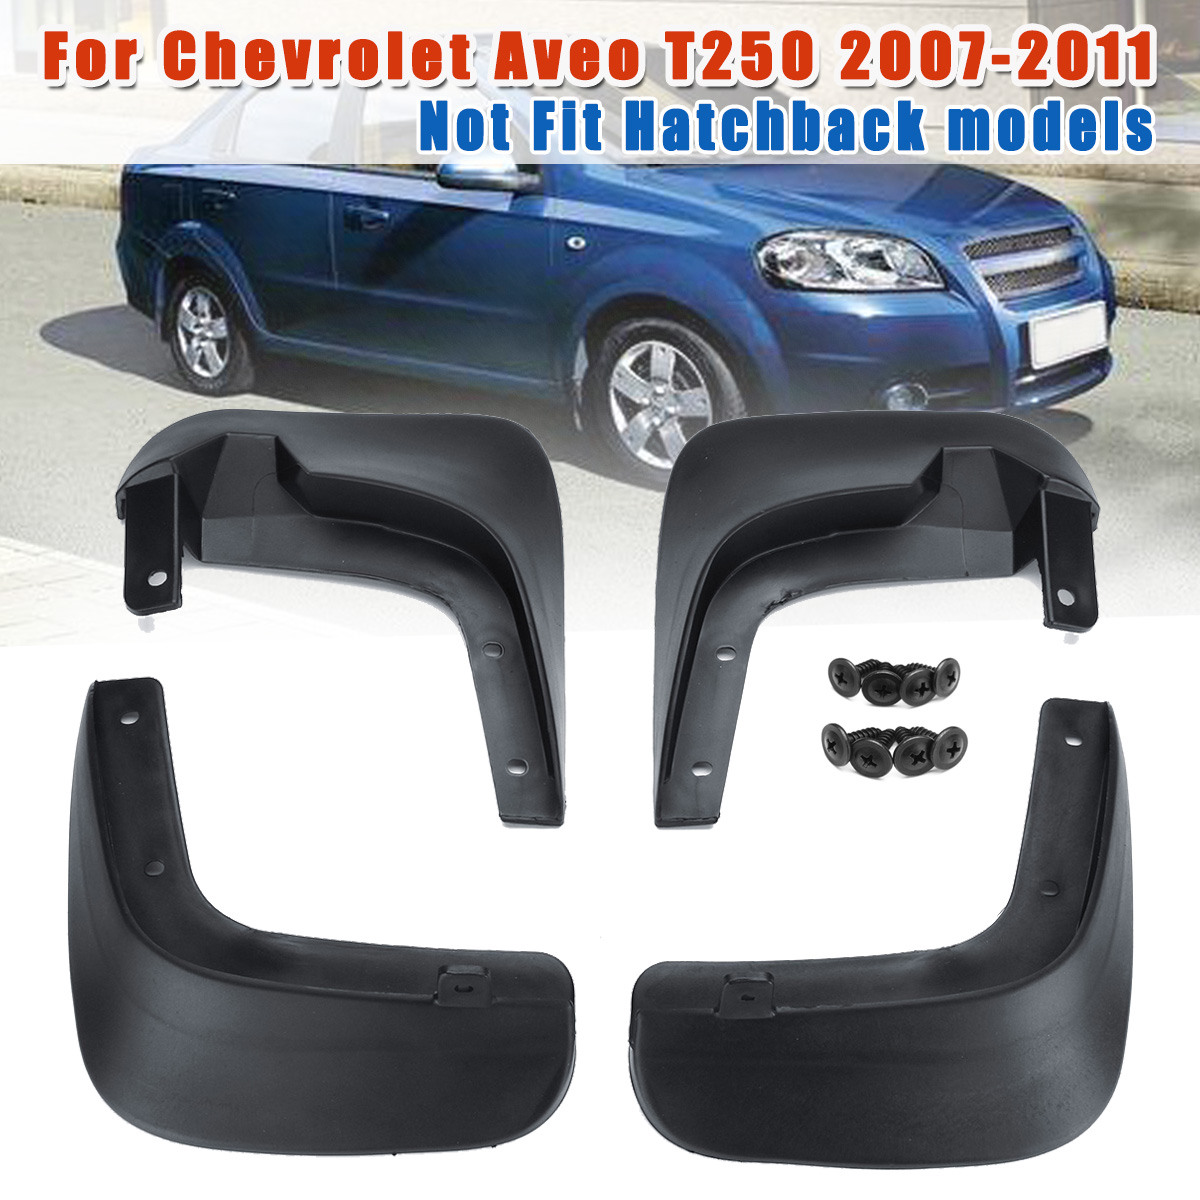 Pour Chevrolet Aveo T250 2007 2008 2009 2010 2011 garde-boue de voiture avant arrière garde-boue Auto garde-boue garde-boue